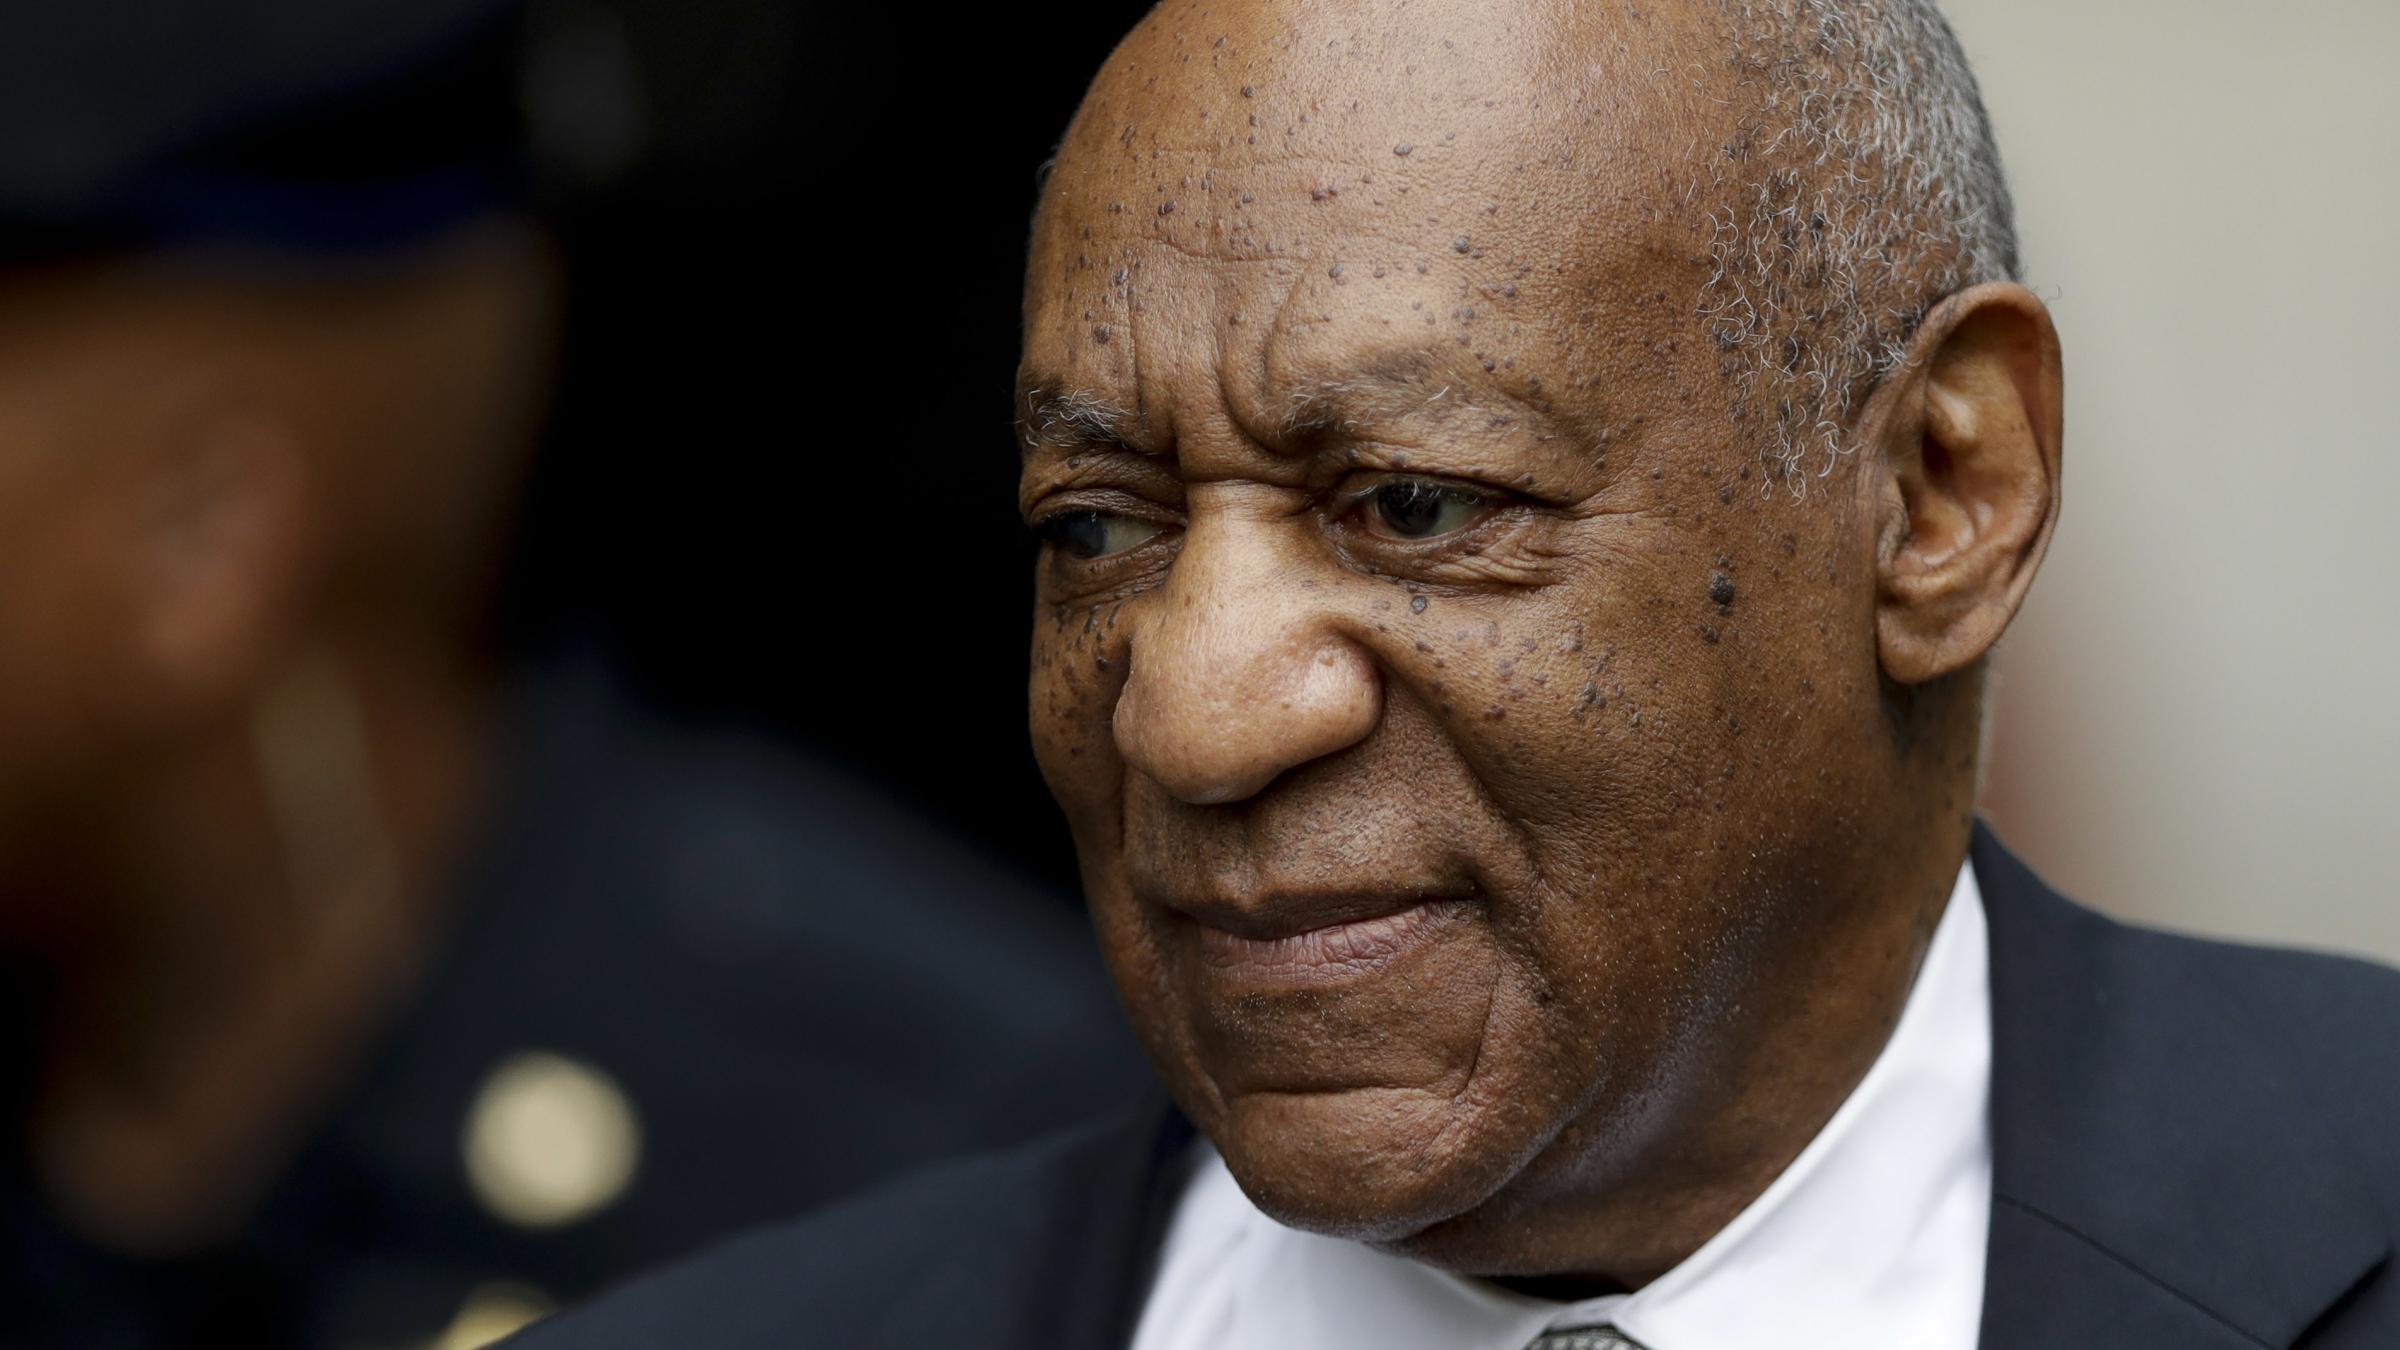 Prosecutors say they'll retry Bill Cosby